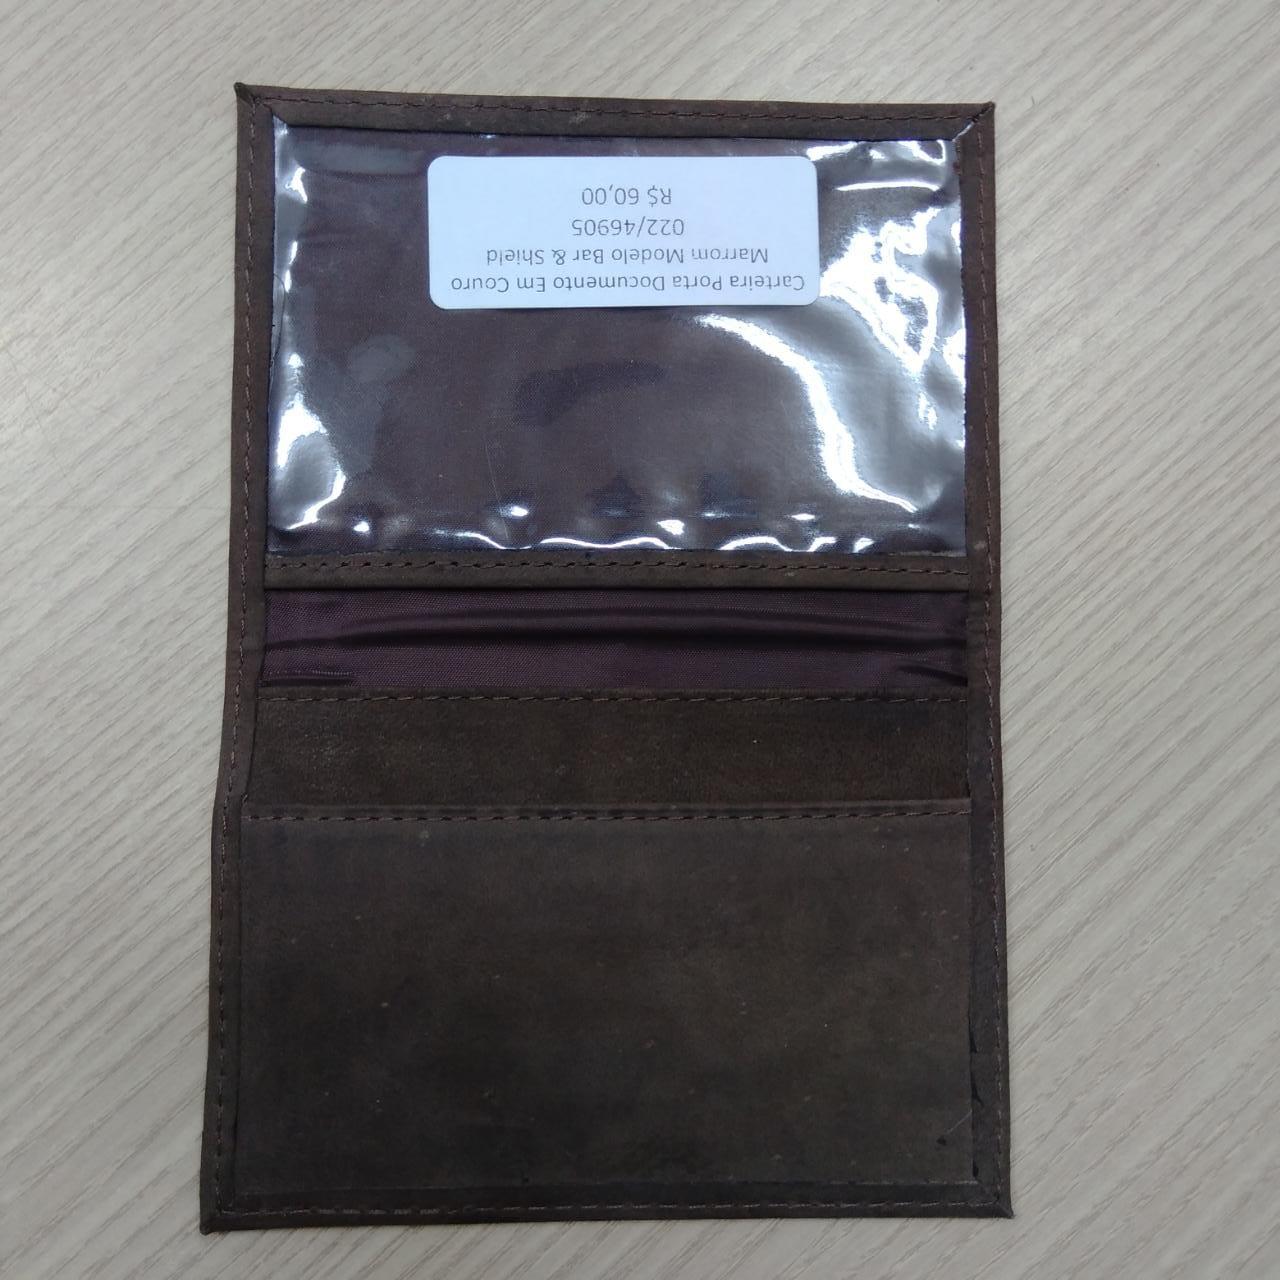 Carteira Porta Documento Em Couro Marrom Escuro - Modelo Bar & Shield - 022/46905